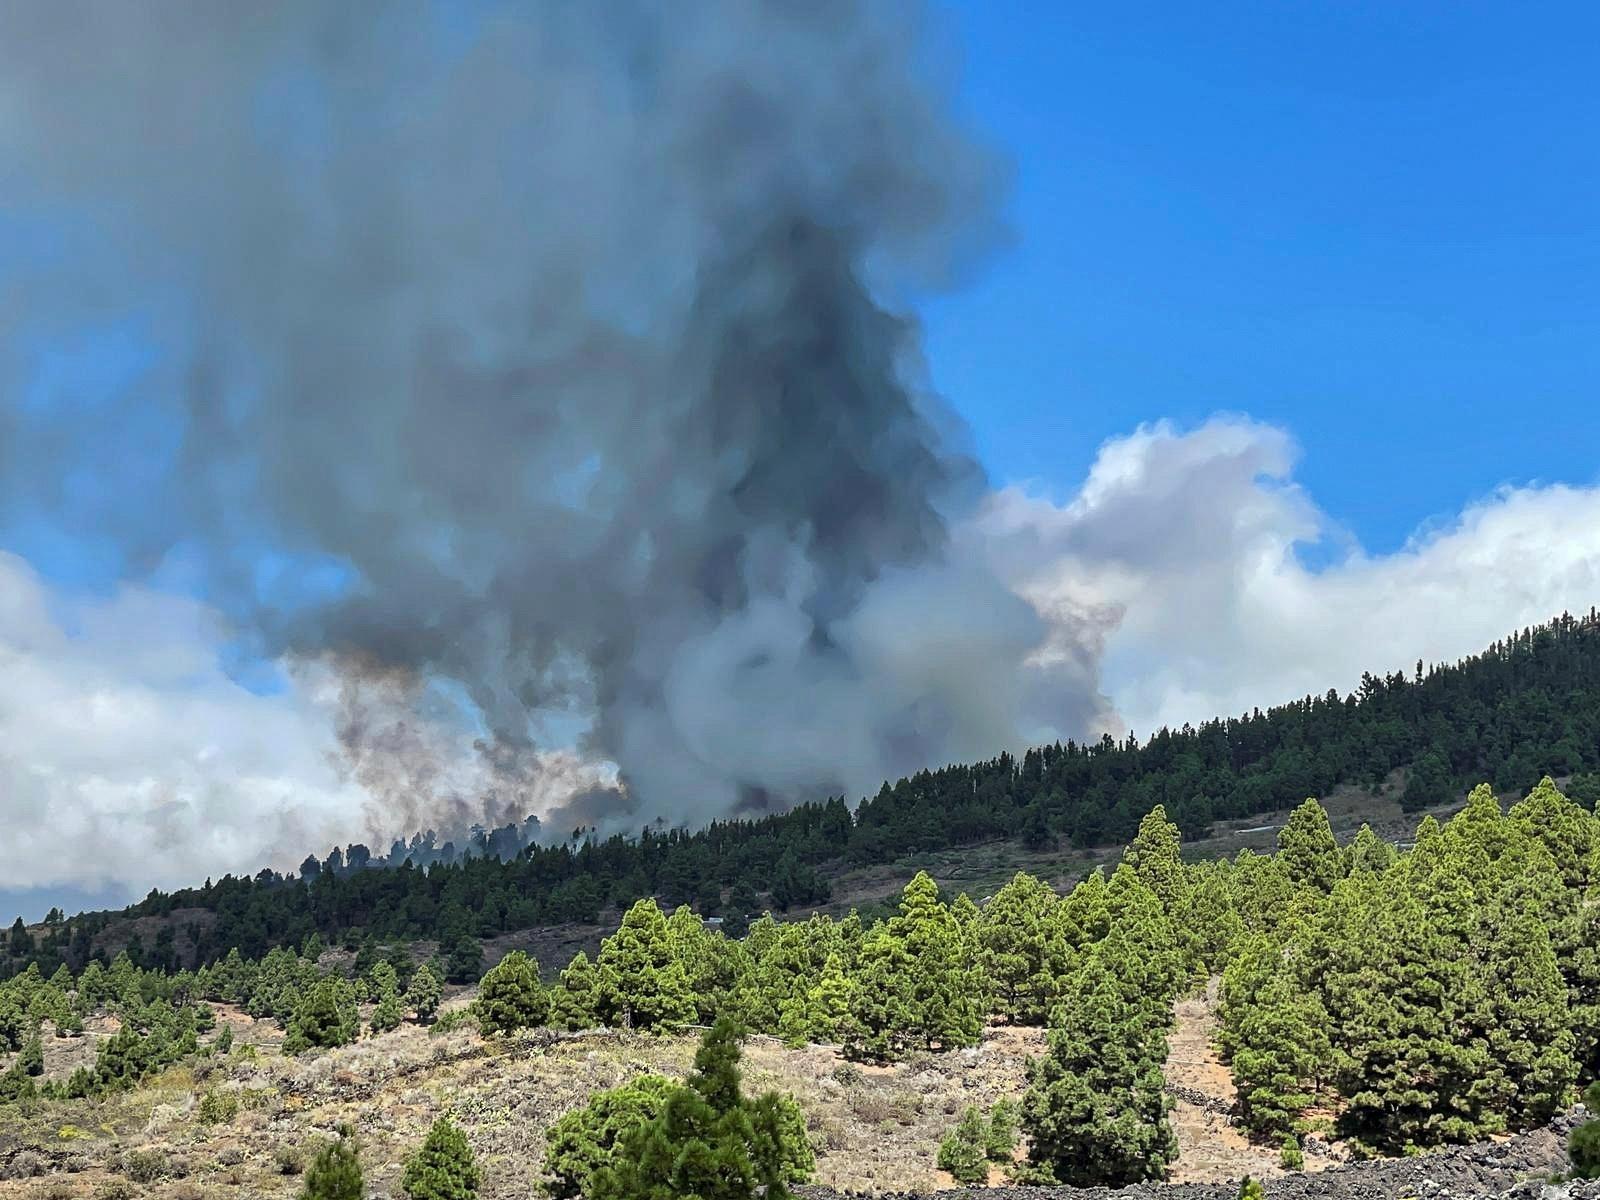 Vulcão de Cumbre Vieja em La Palma (Ilhas Canárias) entra em erupção